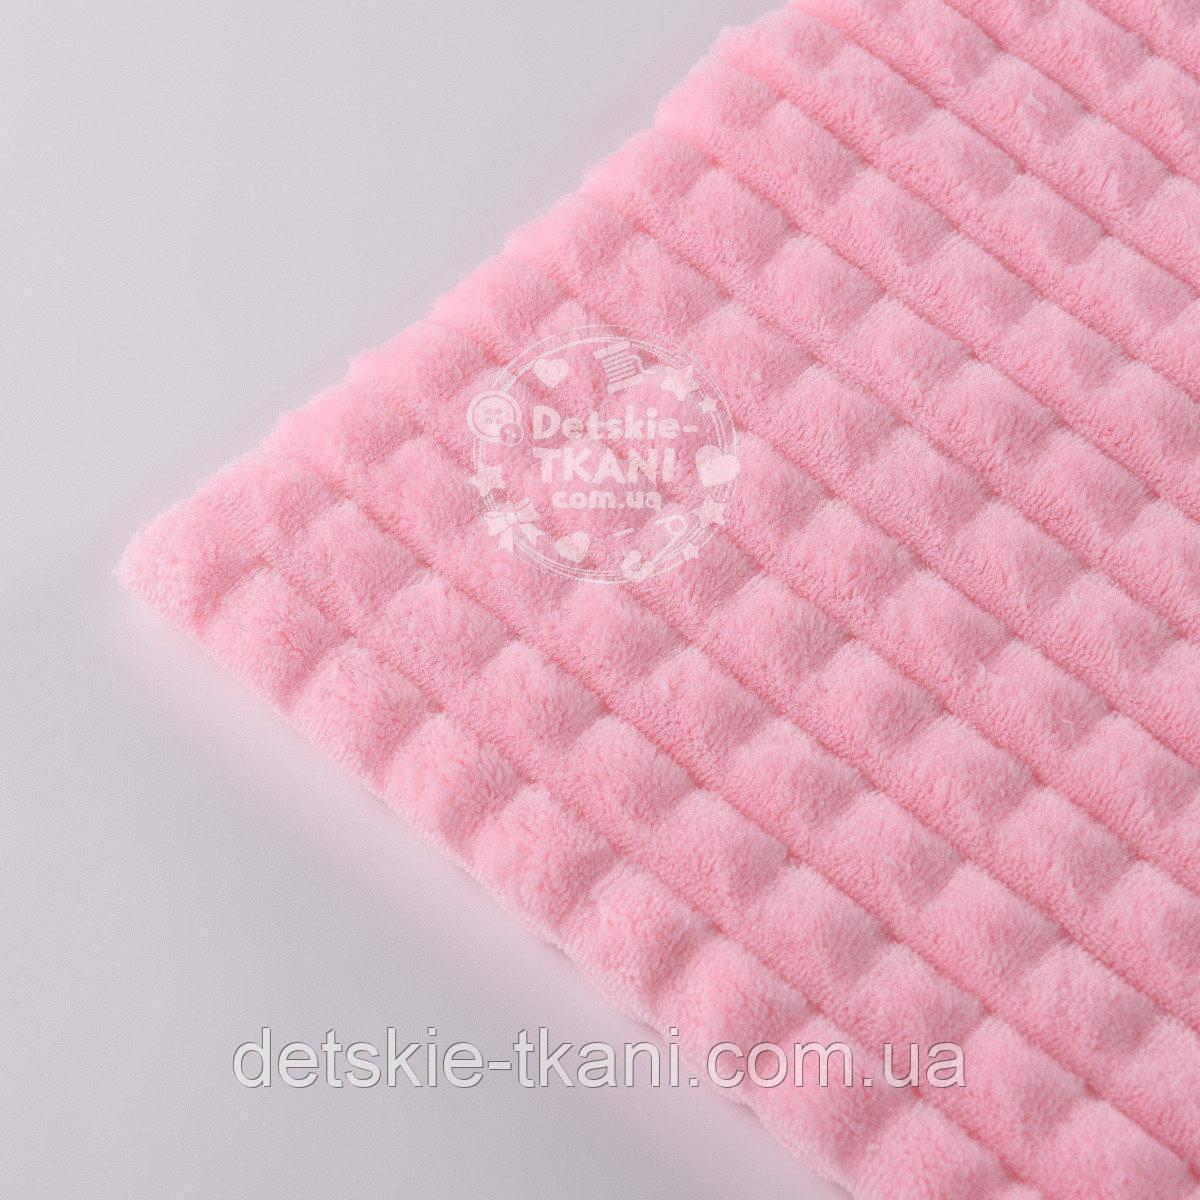 """Лоскут плюша """"Пирамидки"""", цвет розовый (ОМ-56), размер 15*140 см"""